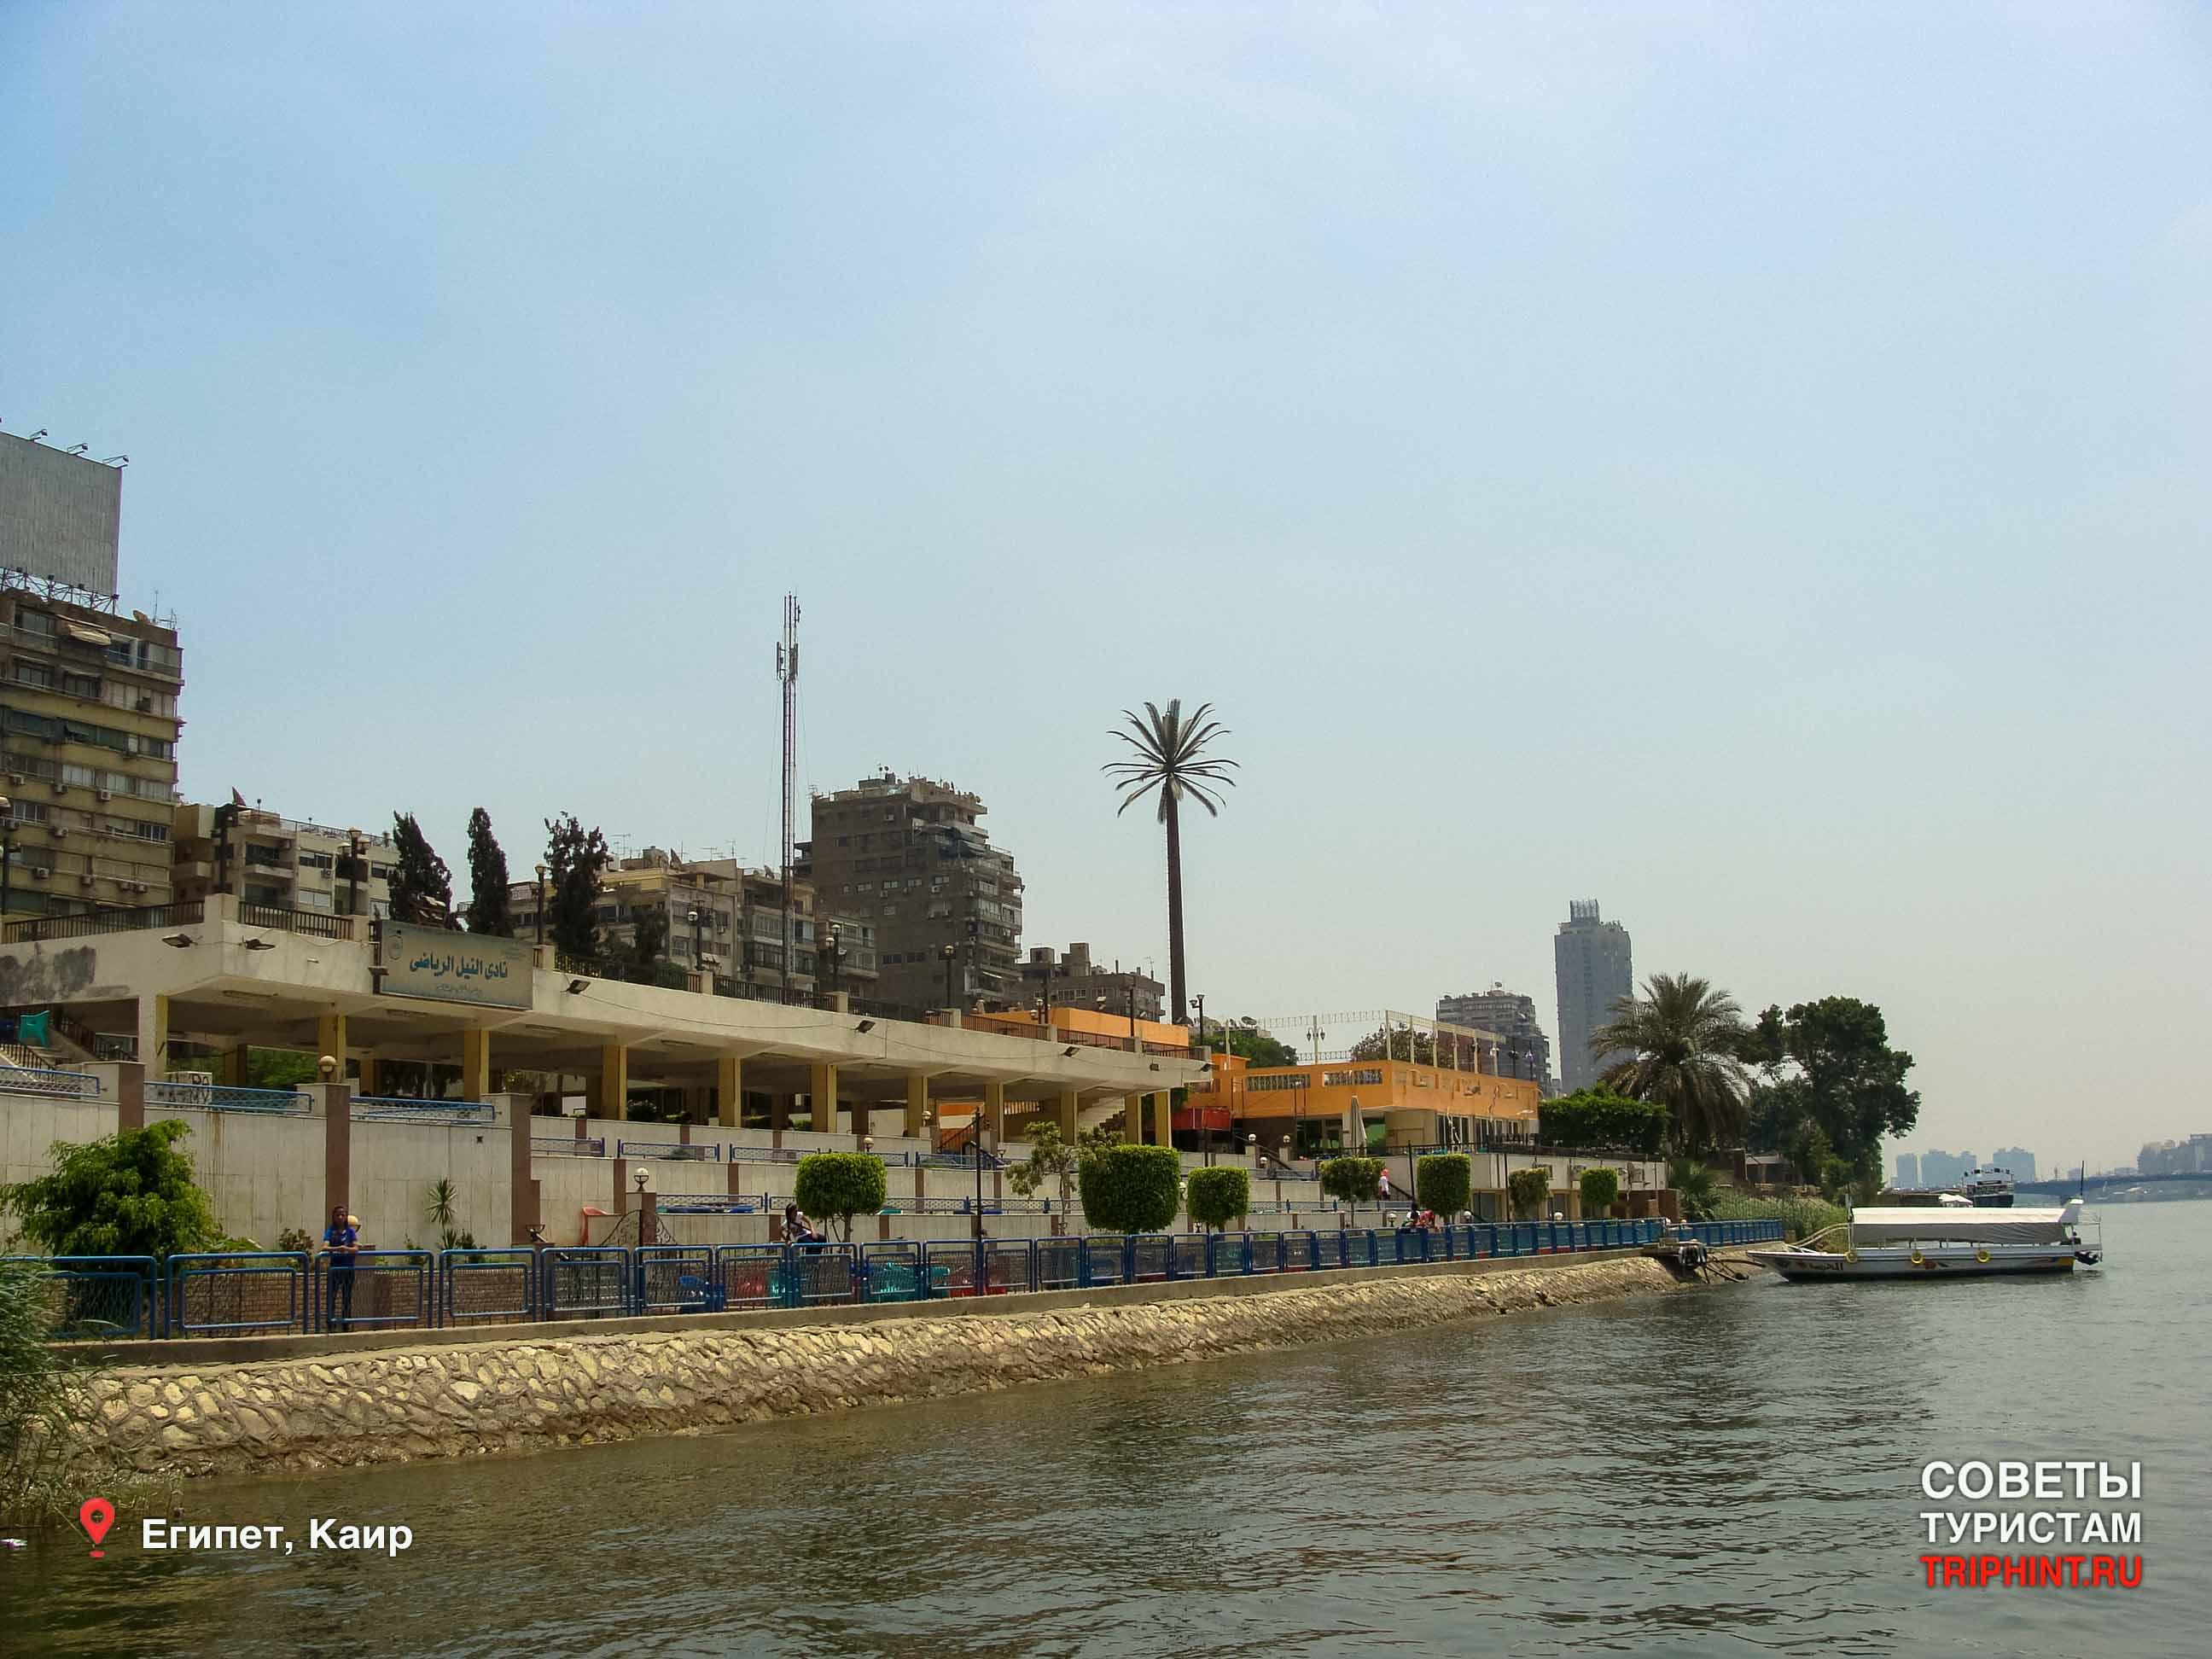 Где отдохнуть на новый год в Египте? Круиз по реке Нил с видом на Каир